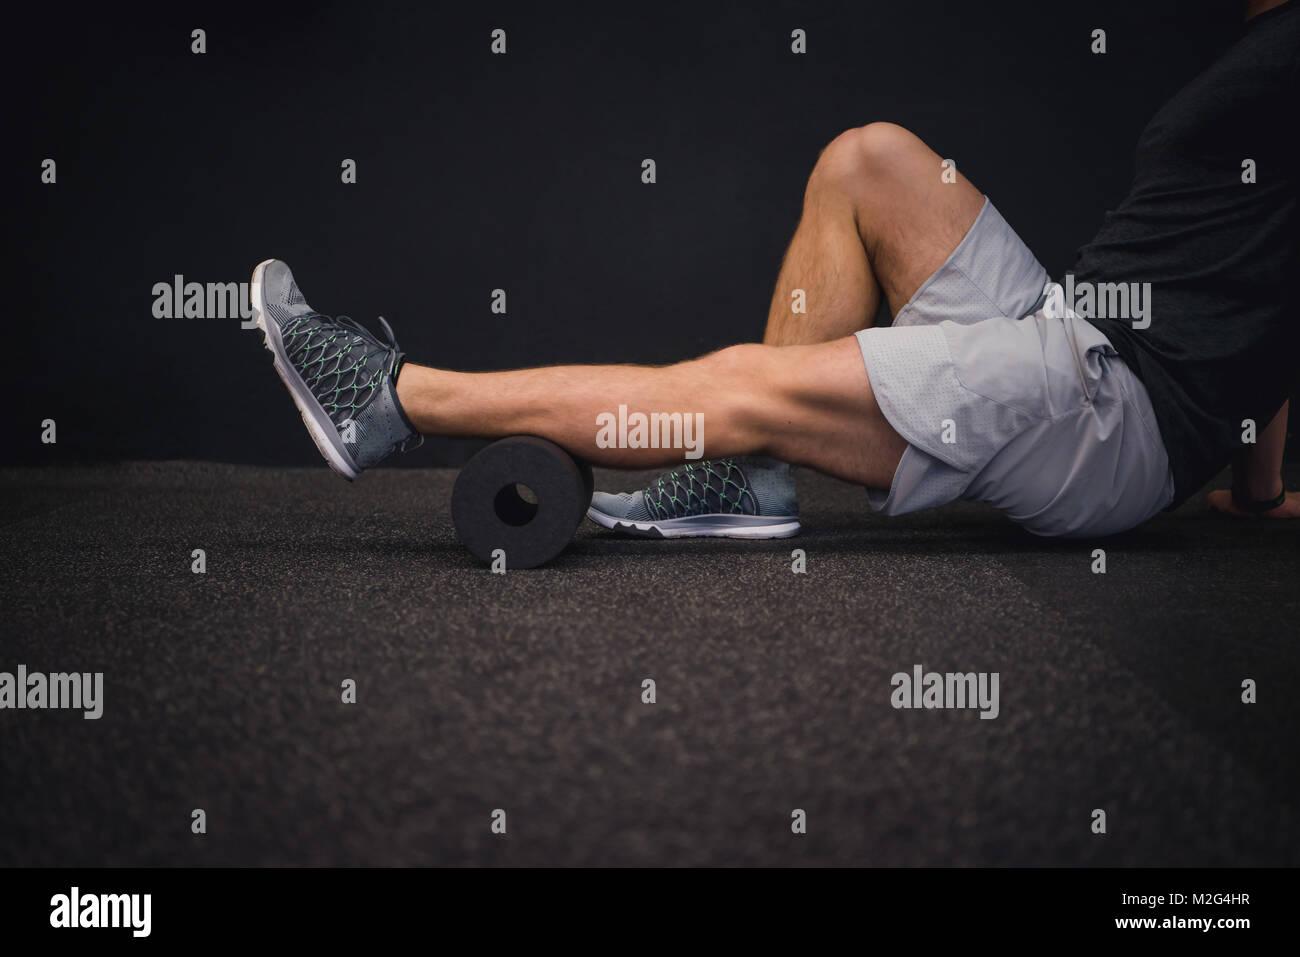 L'homme athlétique à l'aide d'un rouleau en mousse pour soulager les muscles endoloris après Photo Stock